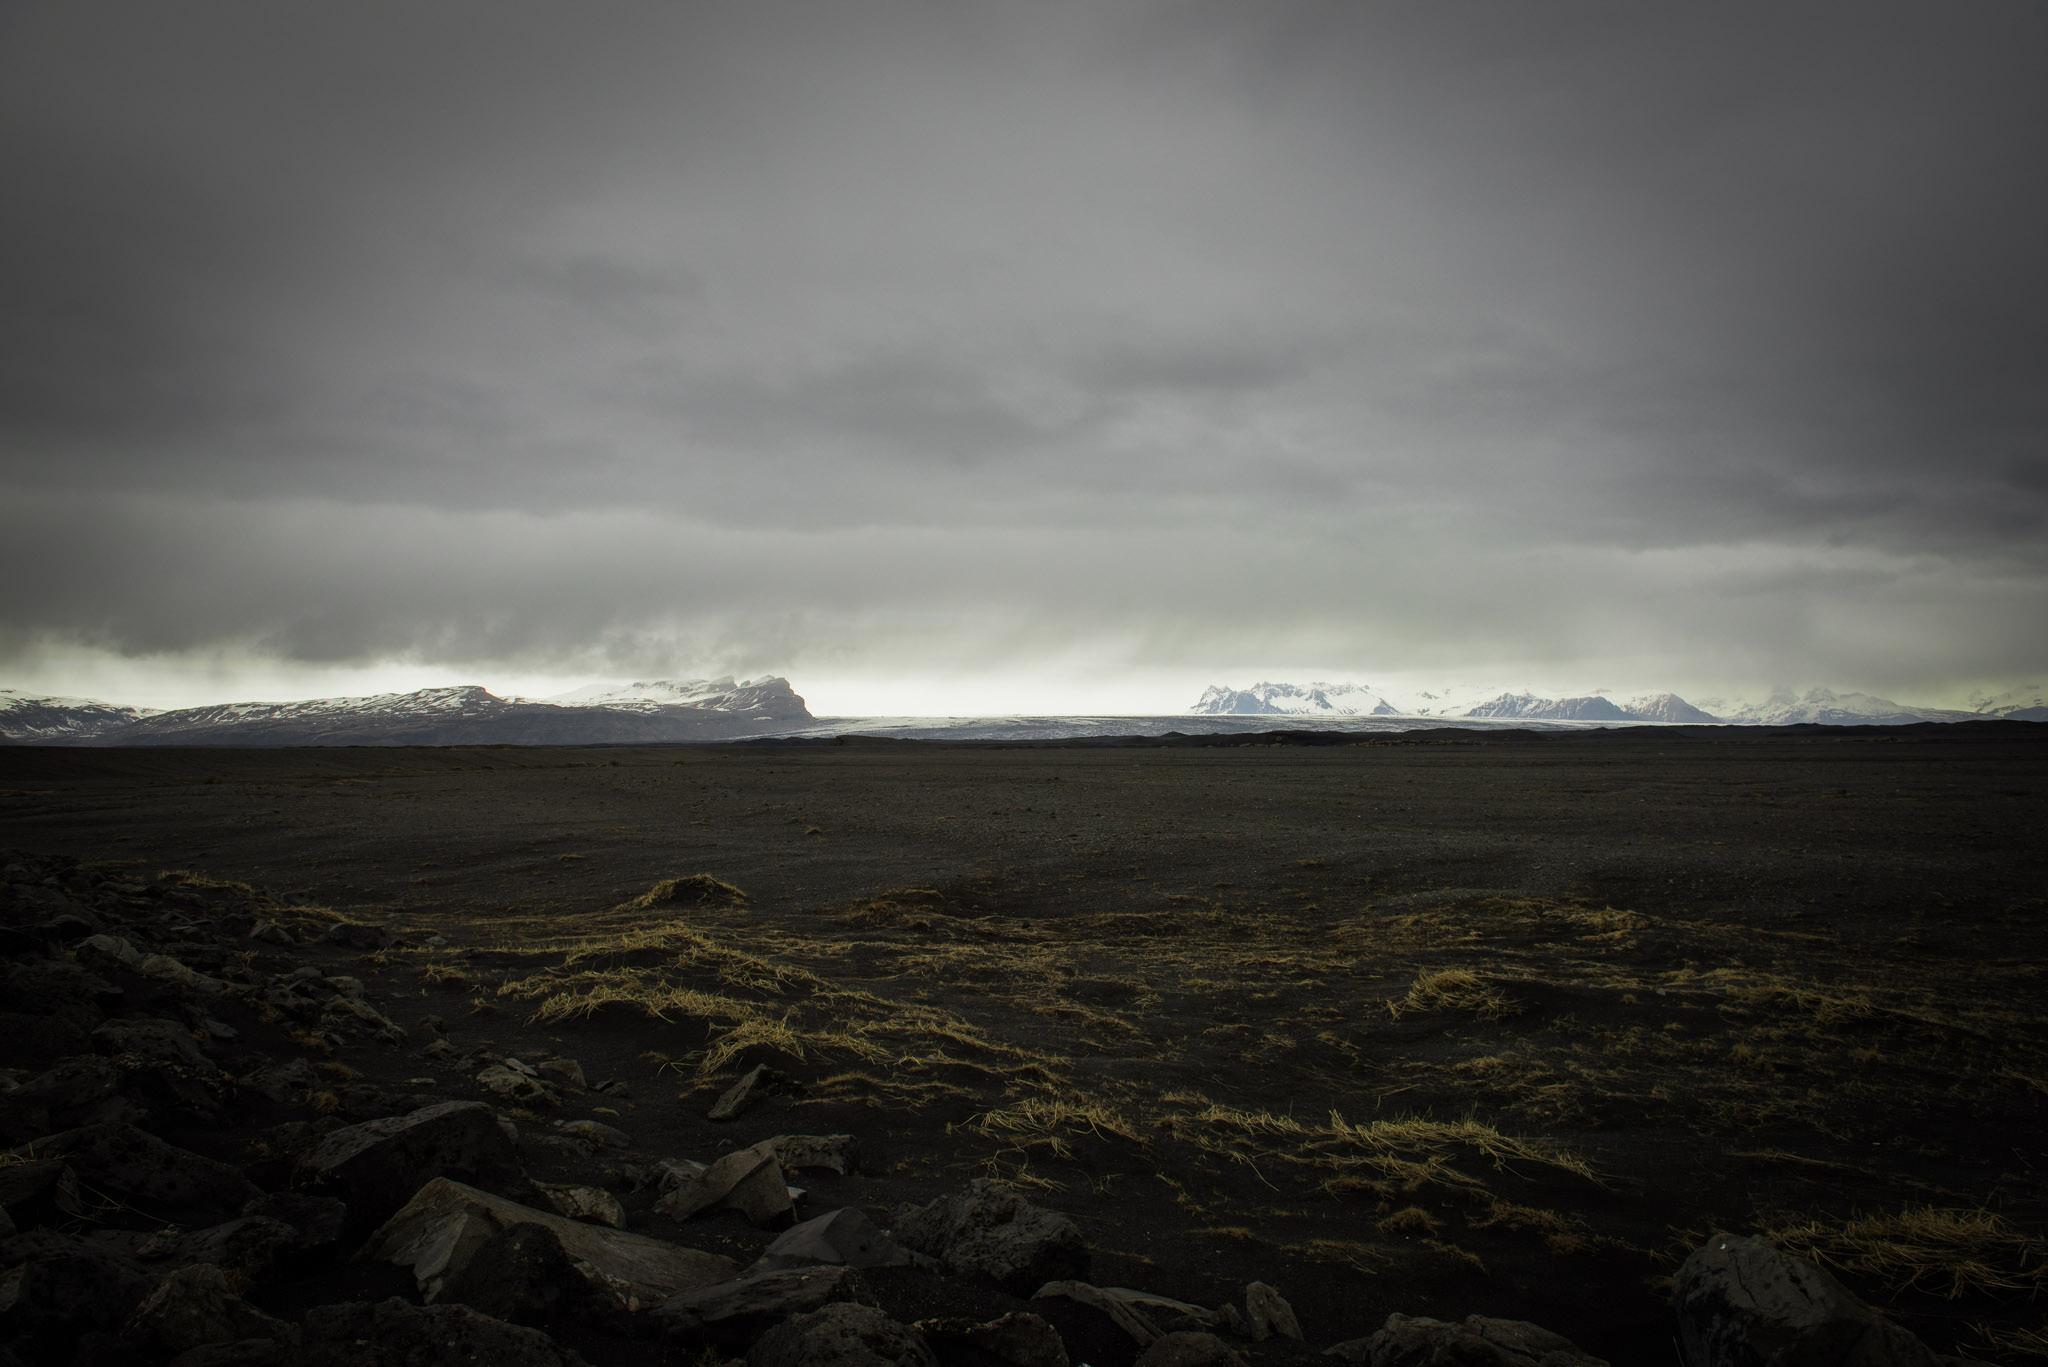 fotograf_jakob_kjoller_20150512-13-11-50-Island-Rejse_Web